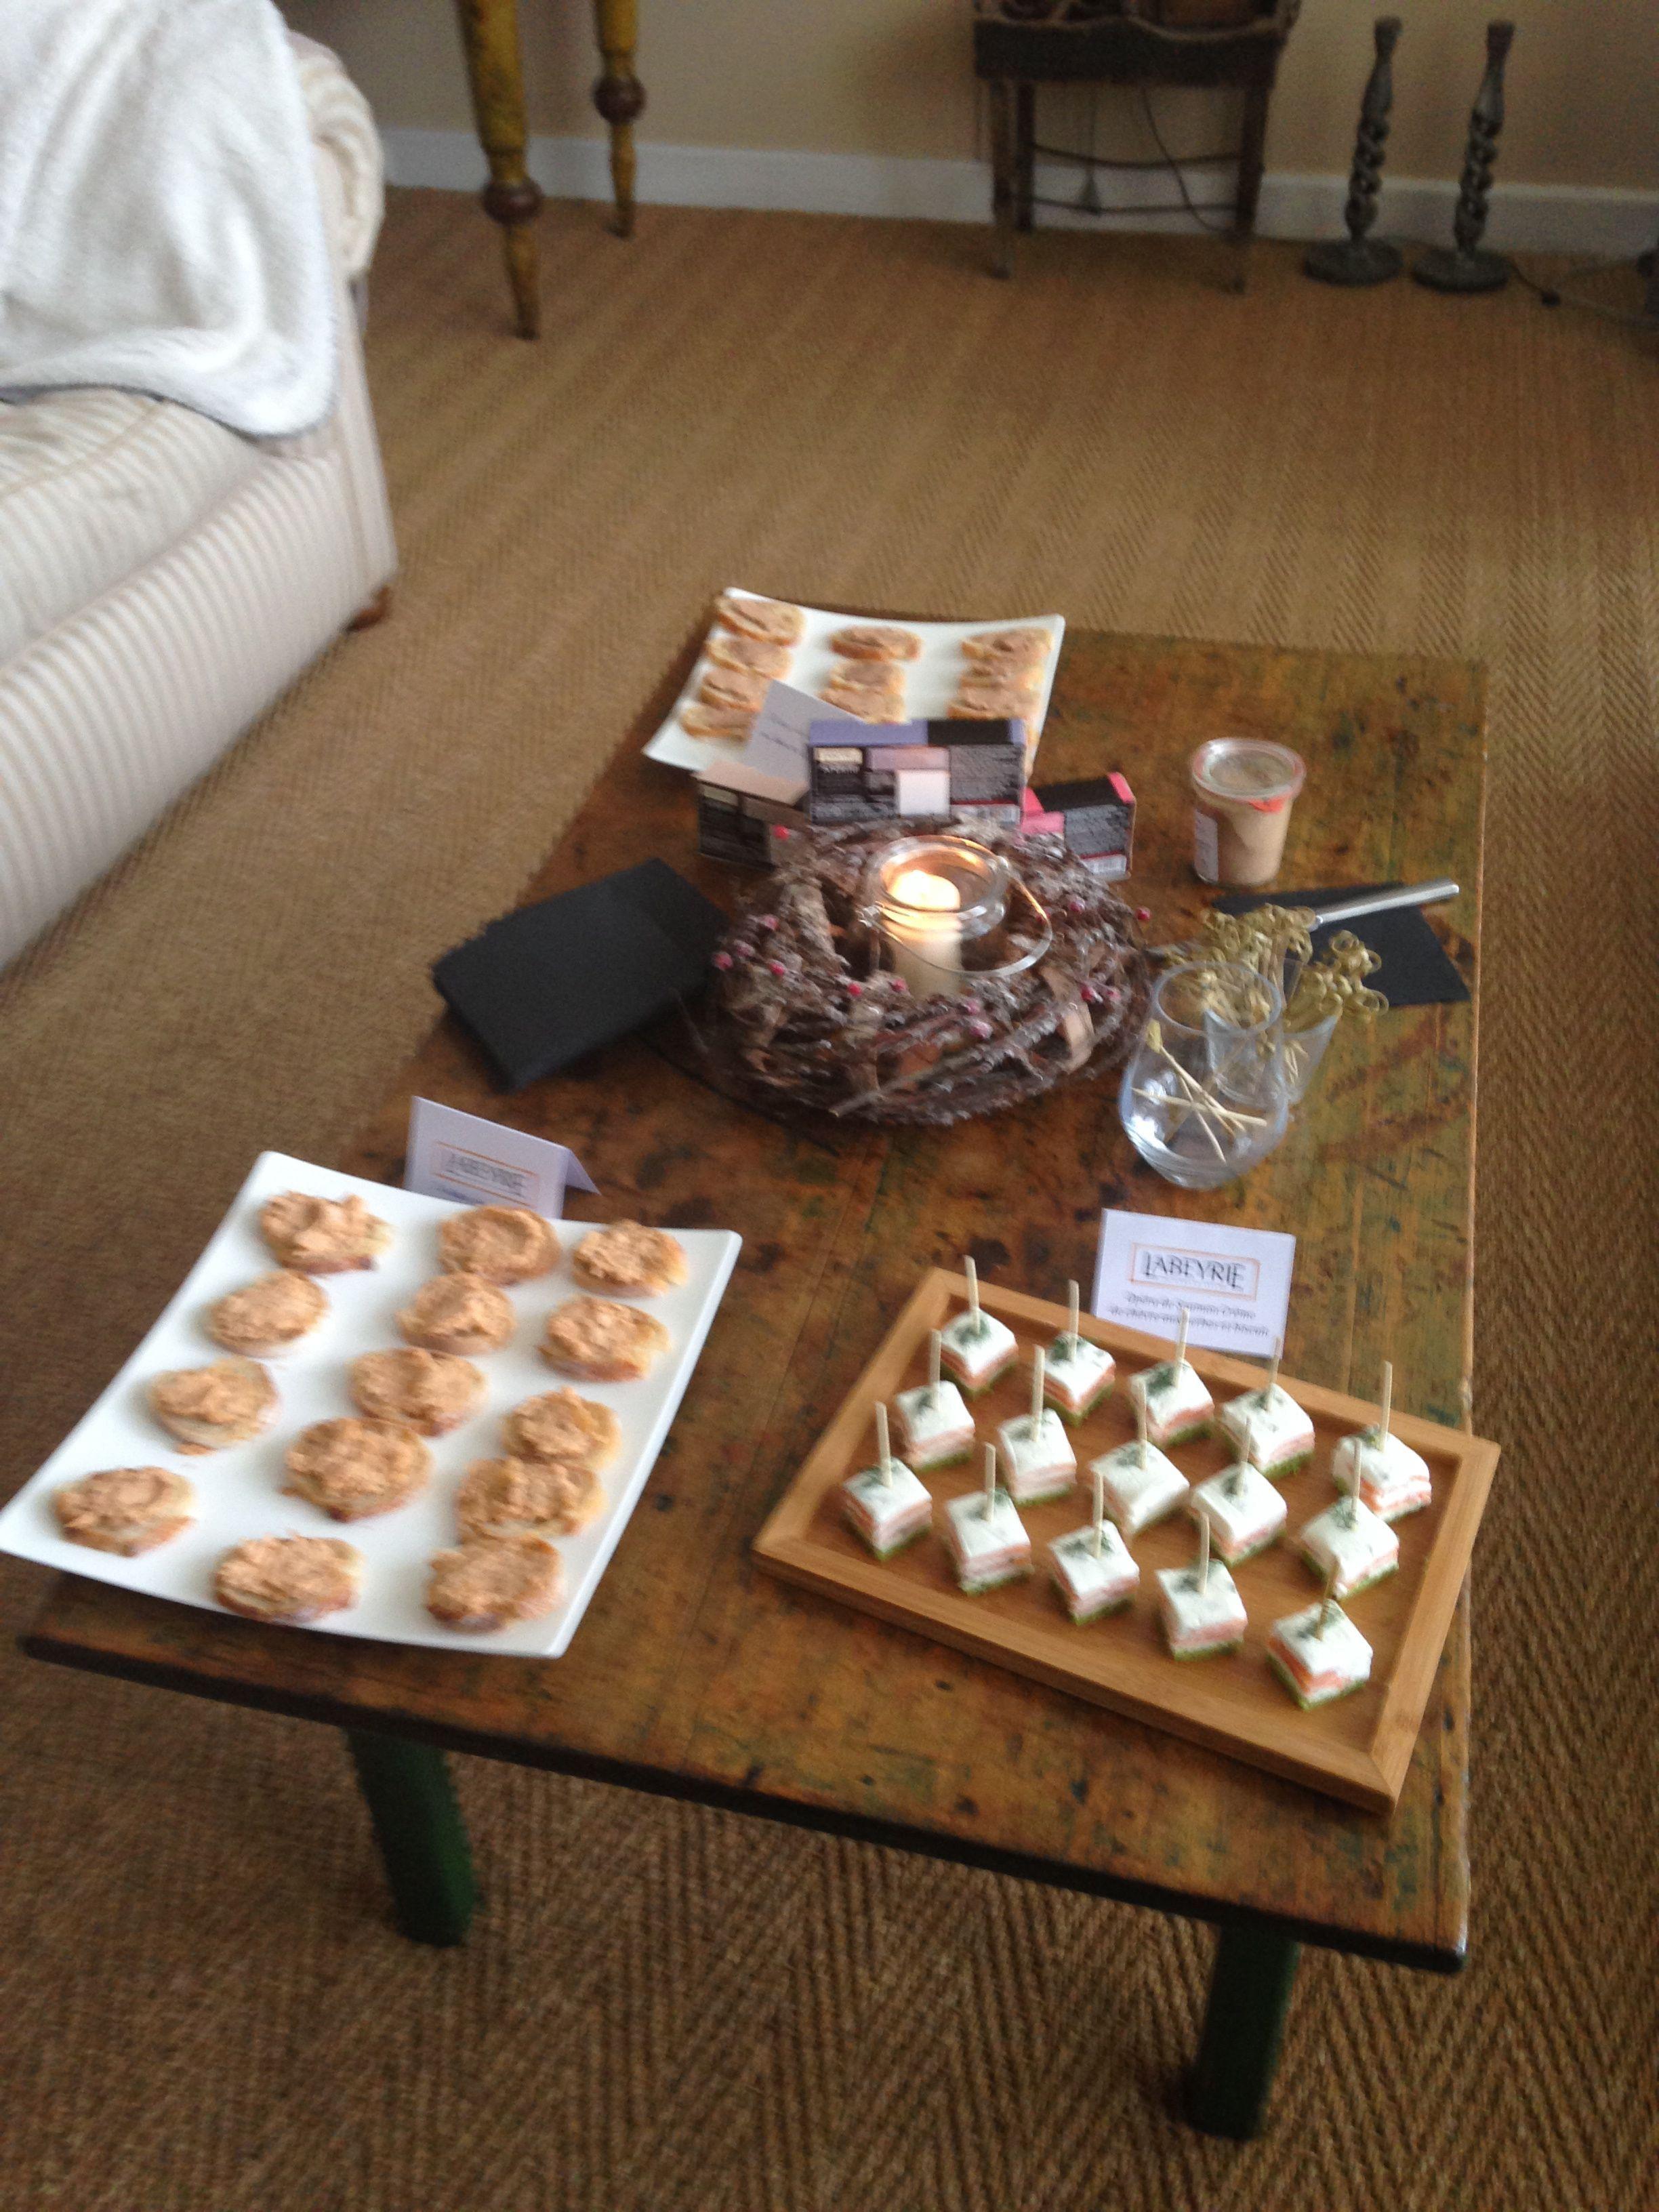 Test des produits Labeyrie de Noël 2016